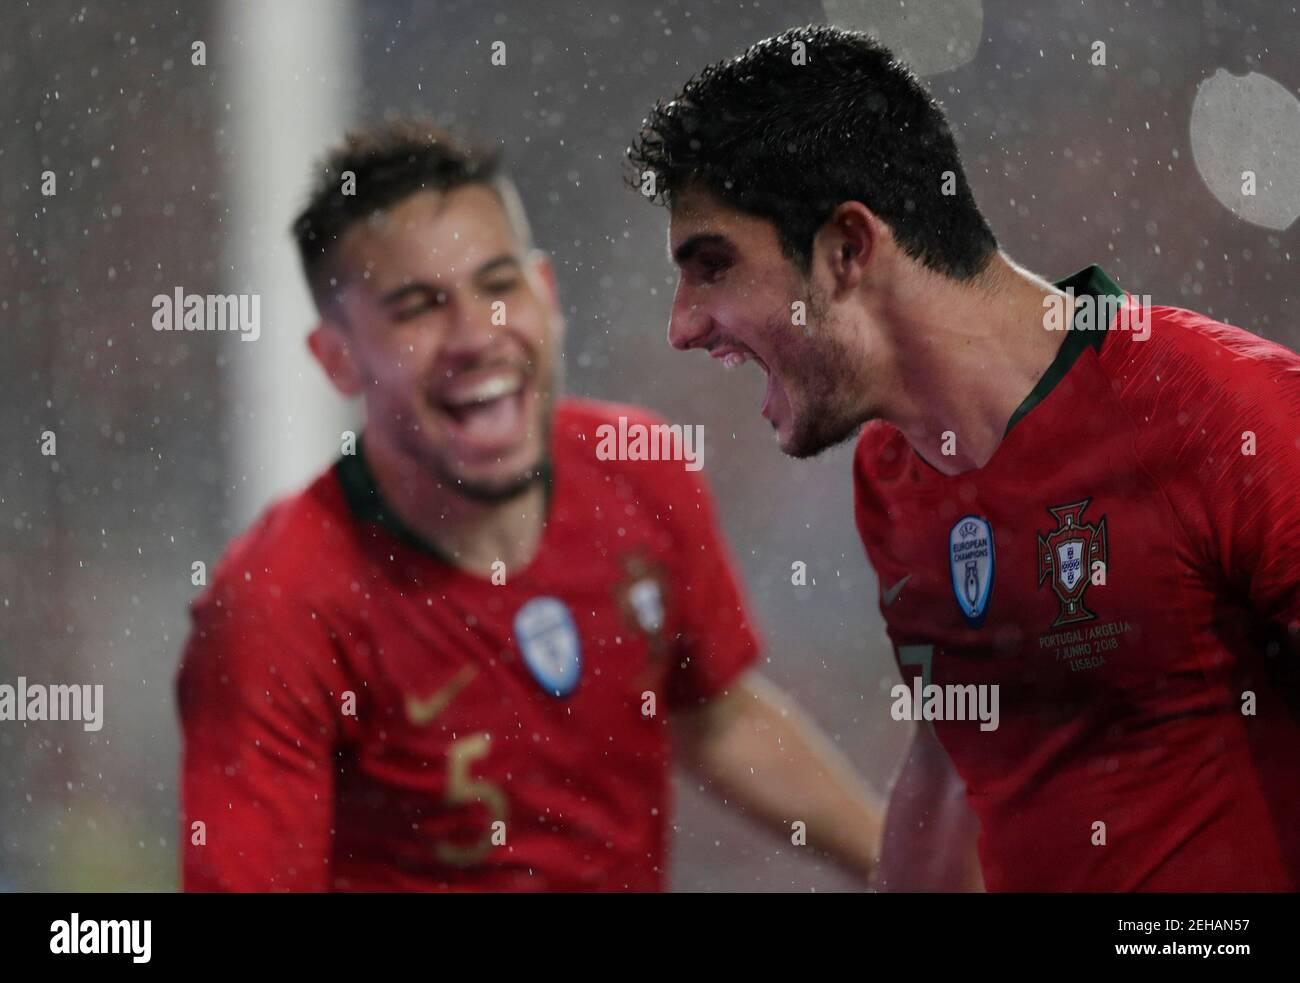 Football football - International friendly - Portugal vs Algérie - Estadio da Luz, Lisbonne, Portugal - 7 juin 2018 le Portugal Goncalo Guedes célèbre son troisième but REUTERS/Rafael Marchante Banque D'Images